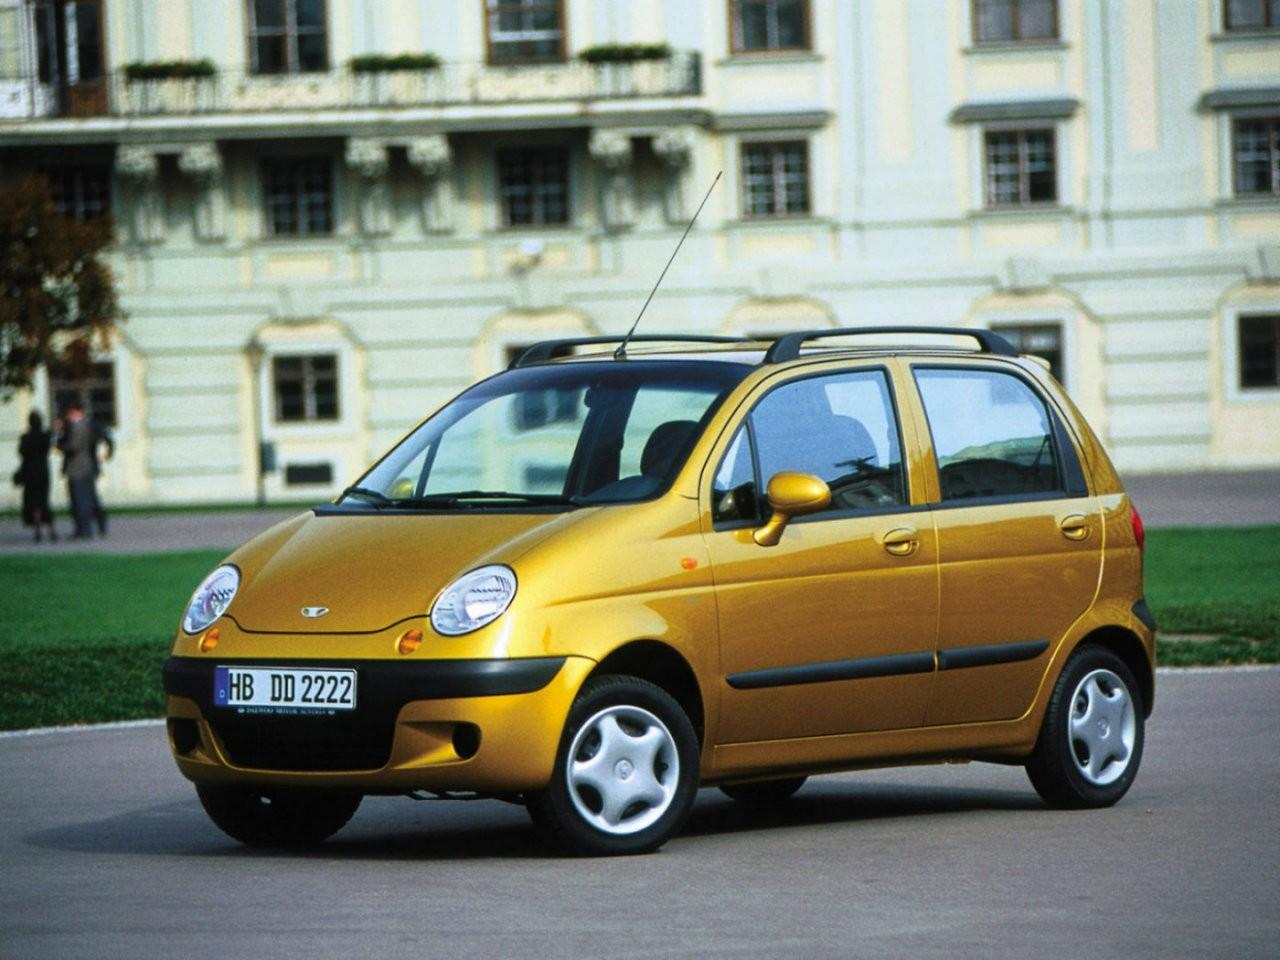 Images: Daewoo Matiz Hatch (1999-04)